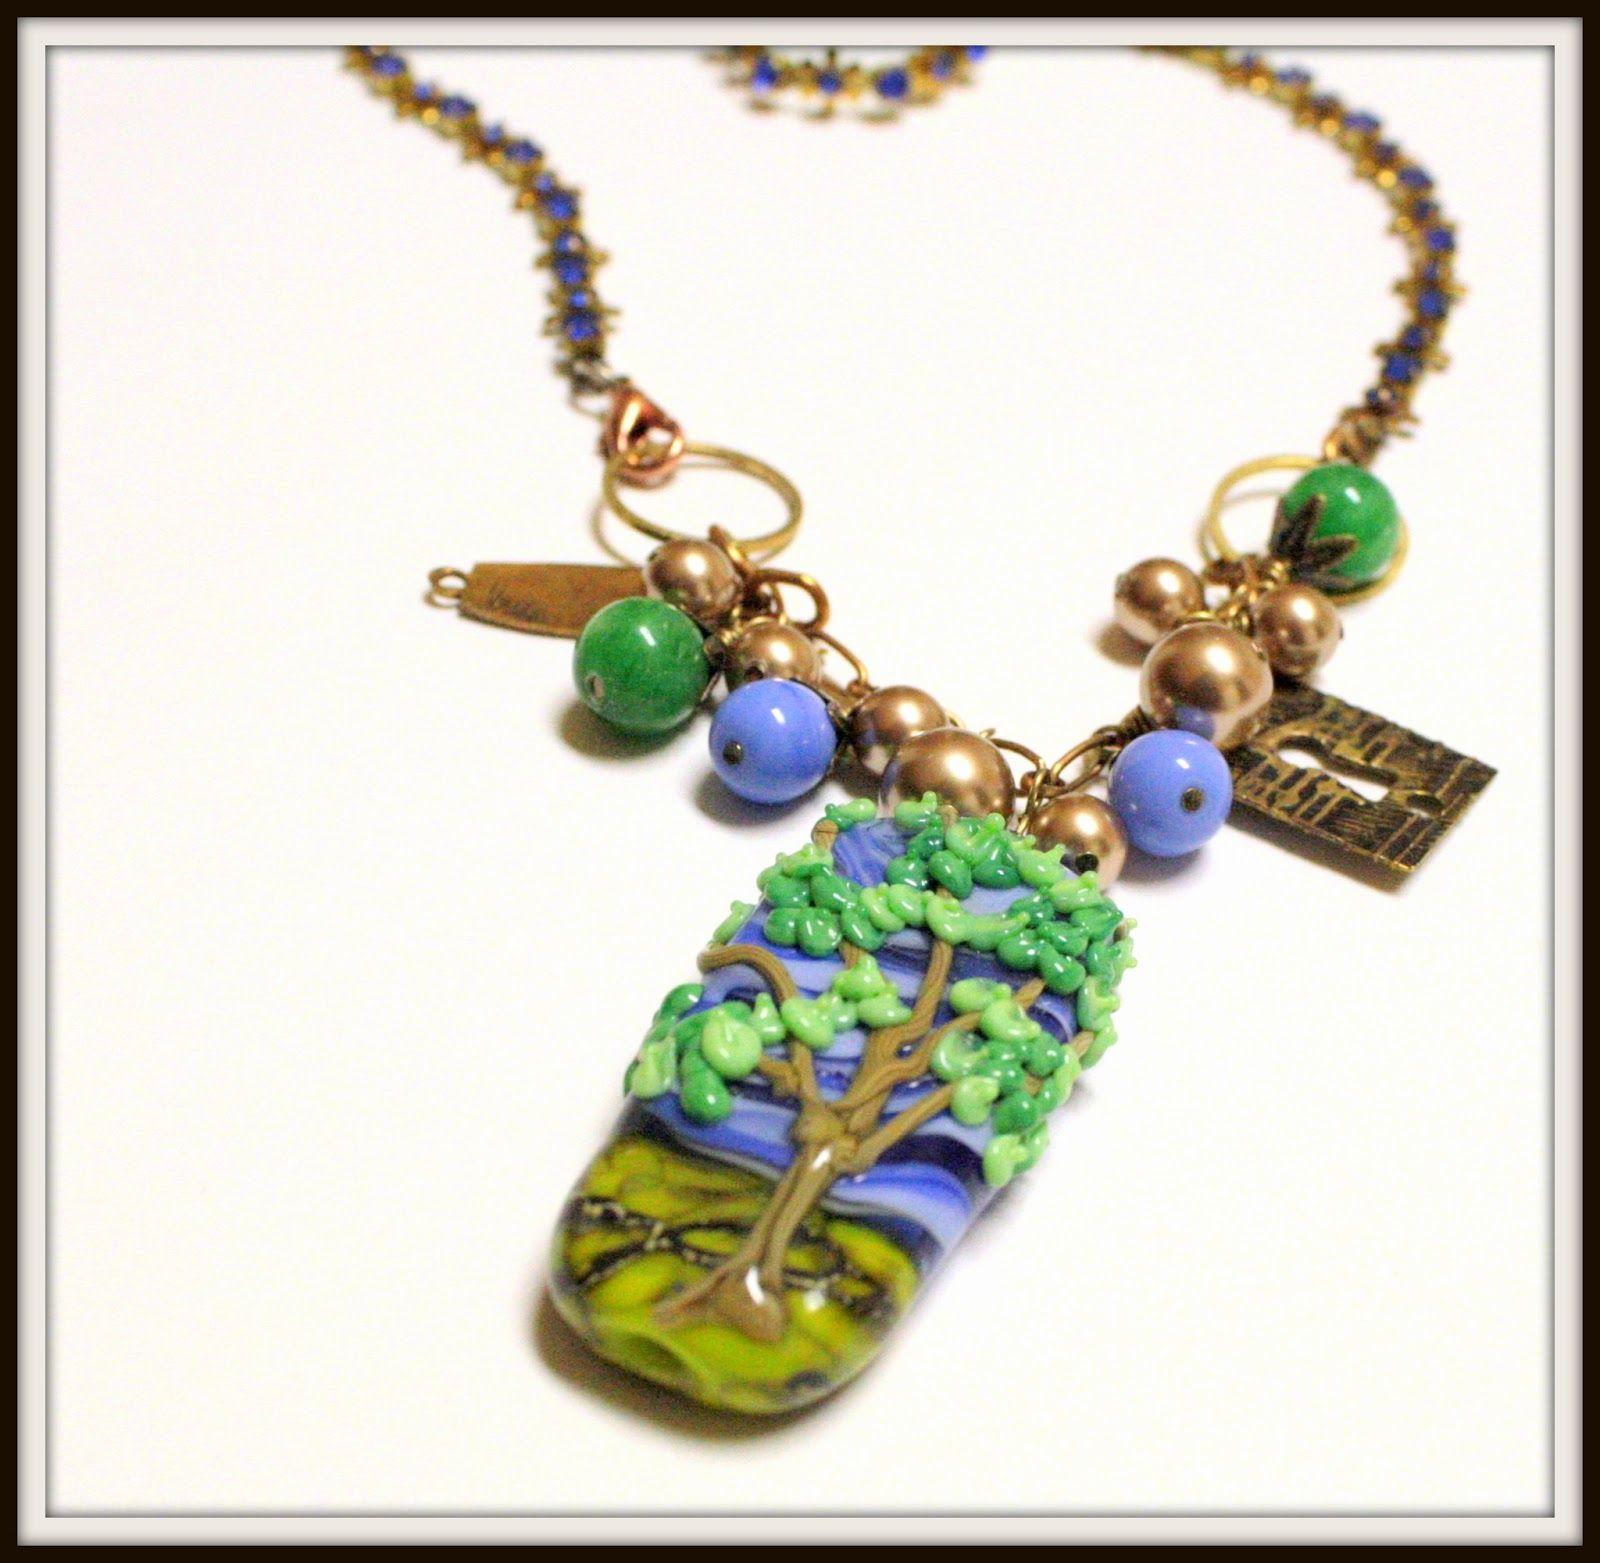 OOAK Tree focal on a vintage blue Swarovski necklace